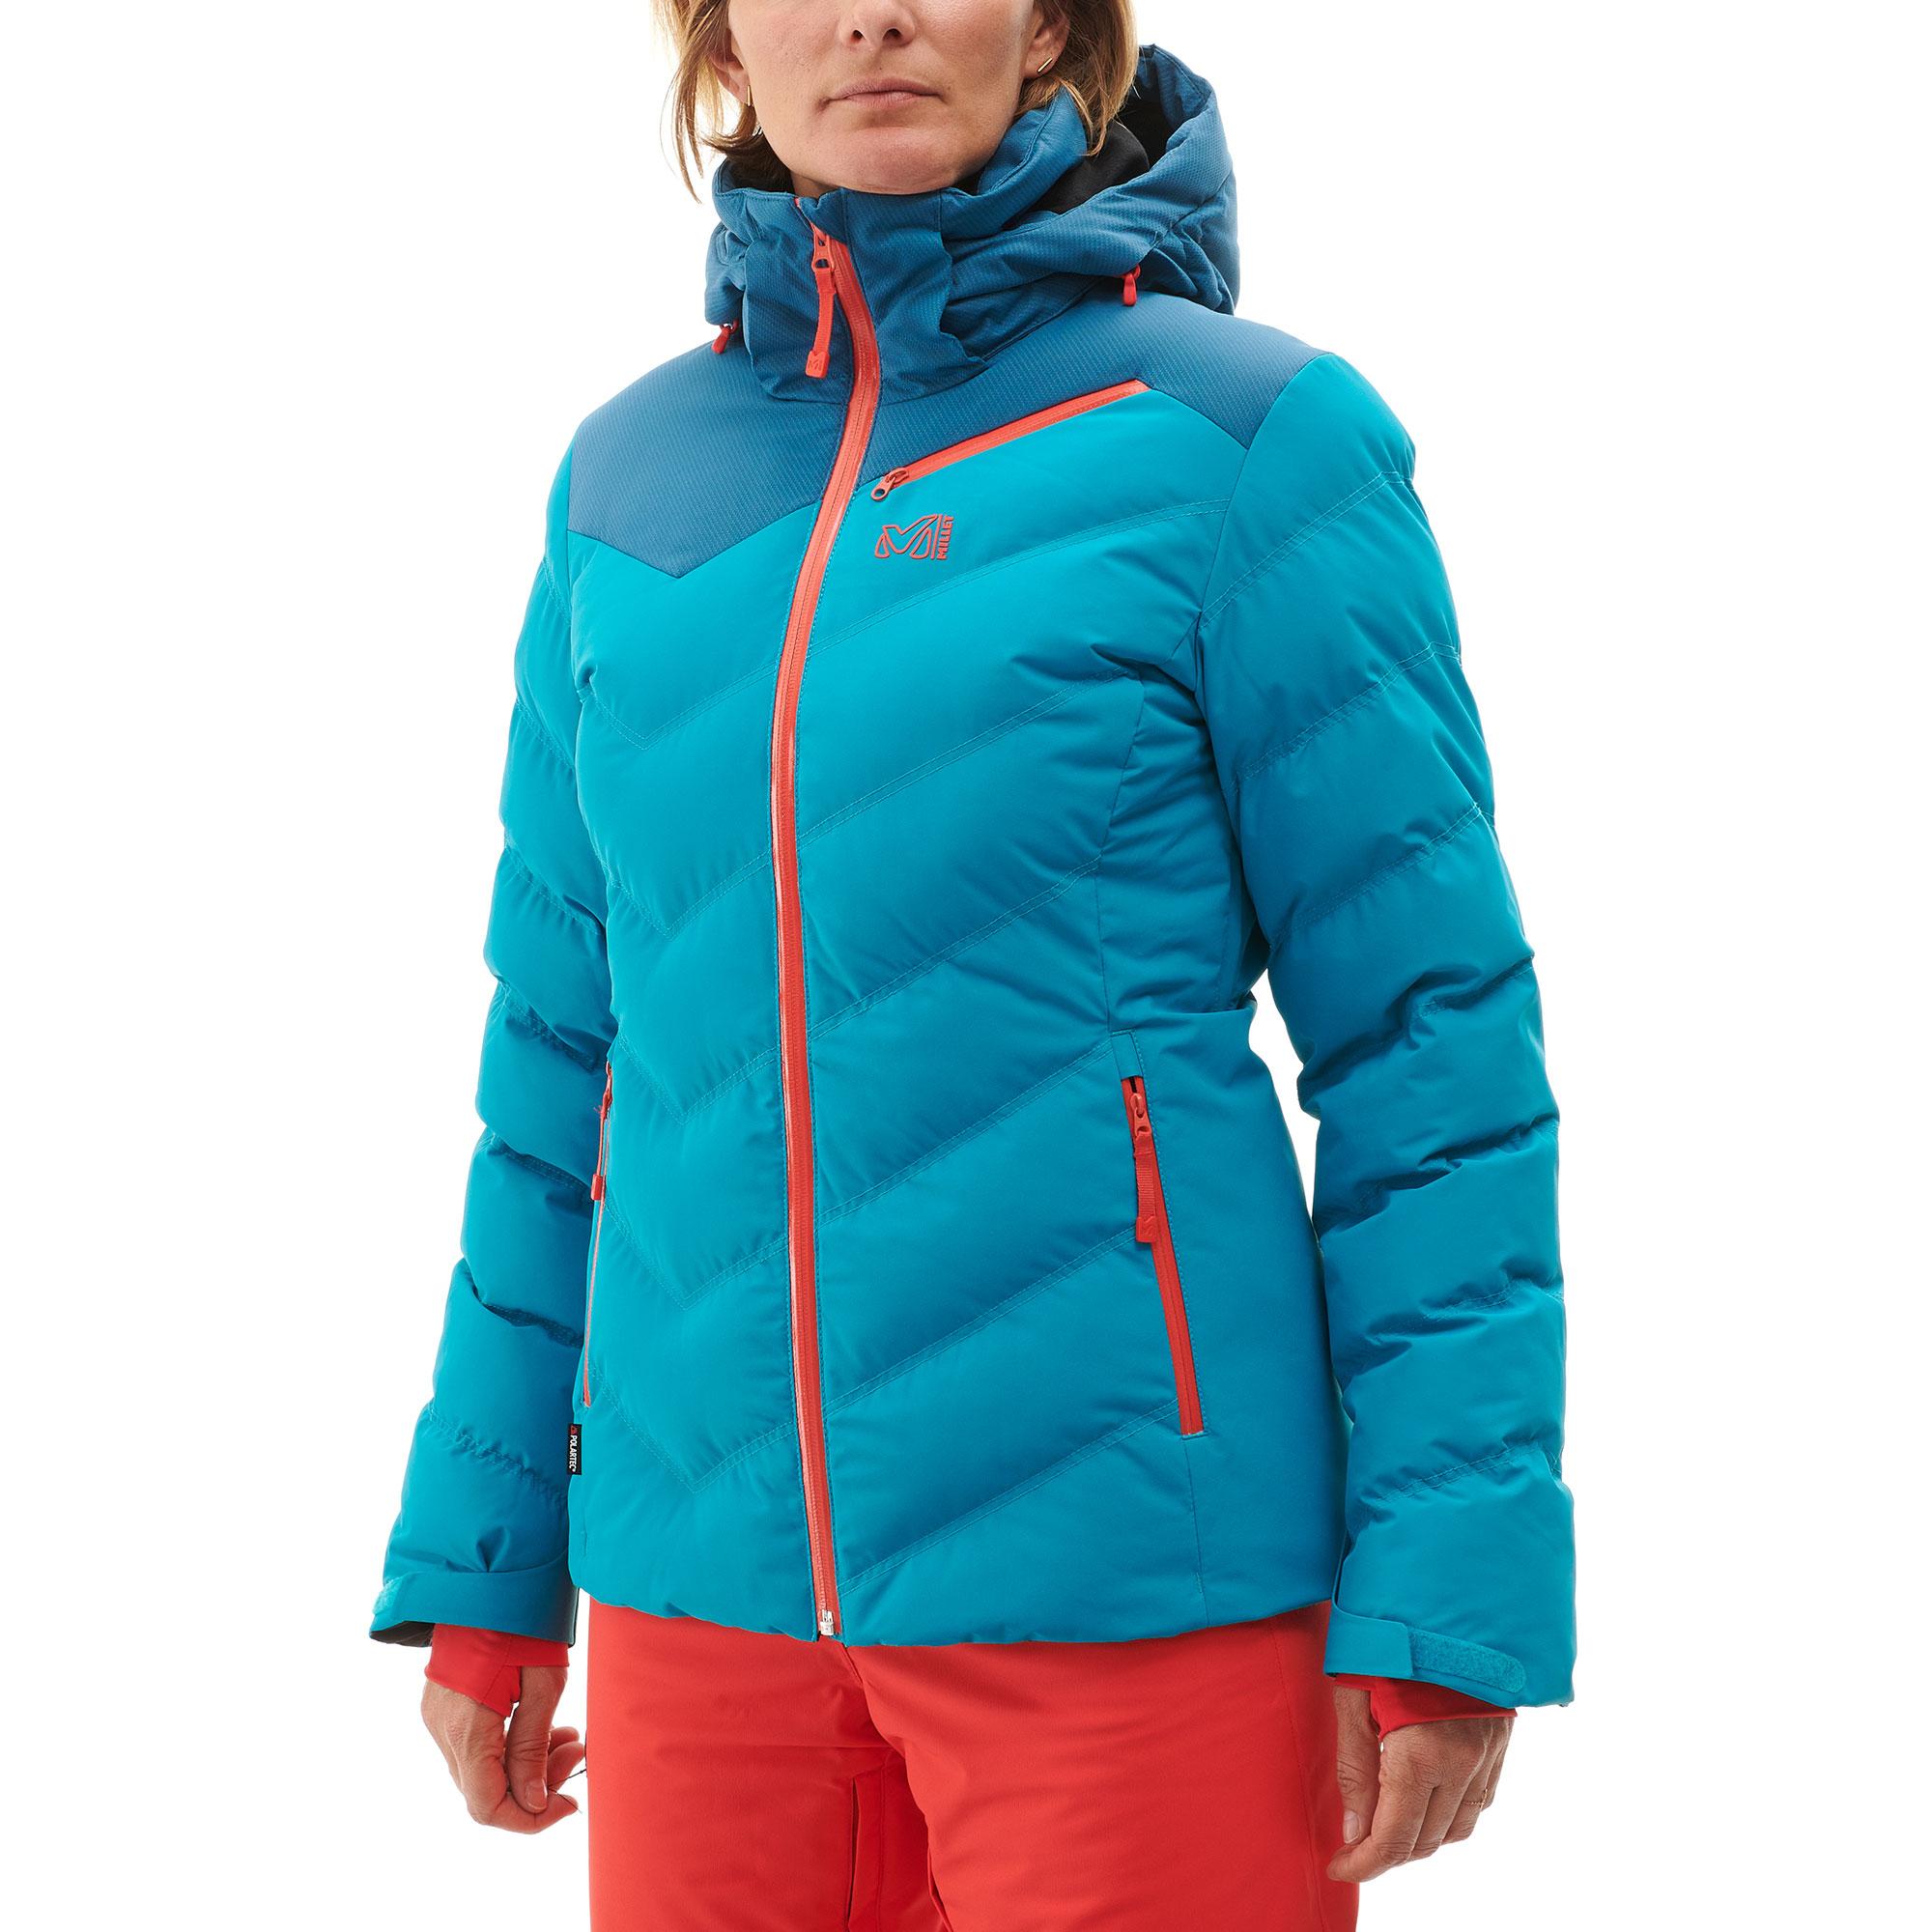 Veste de ski femme blanche pas cher